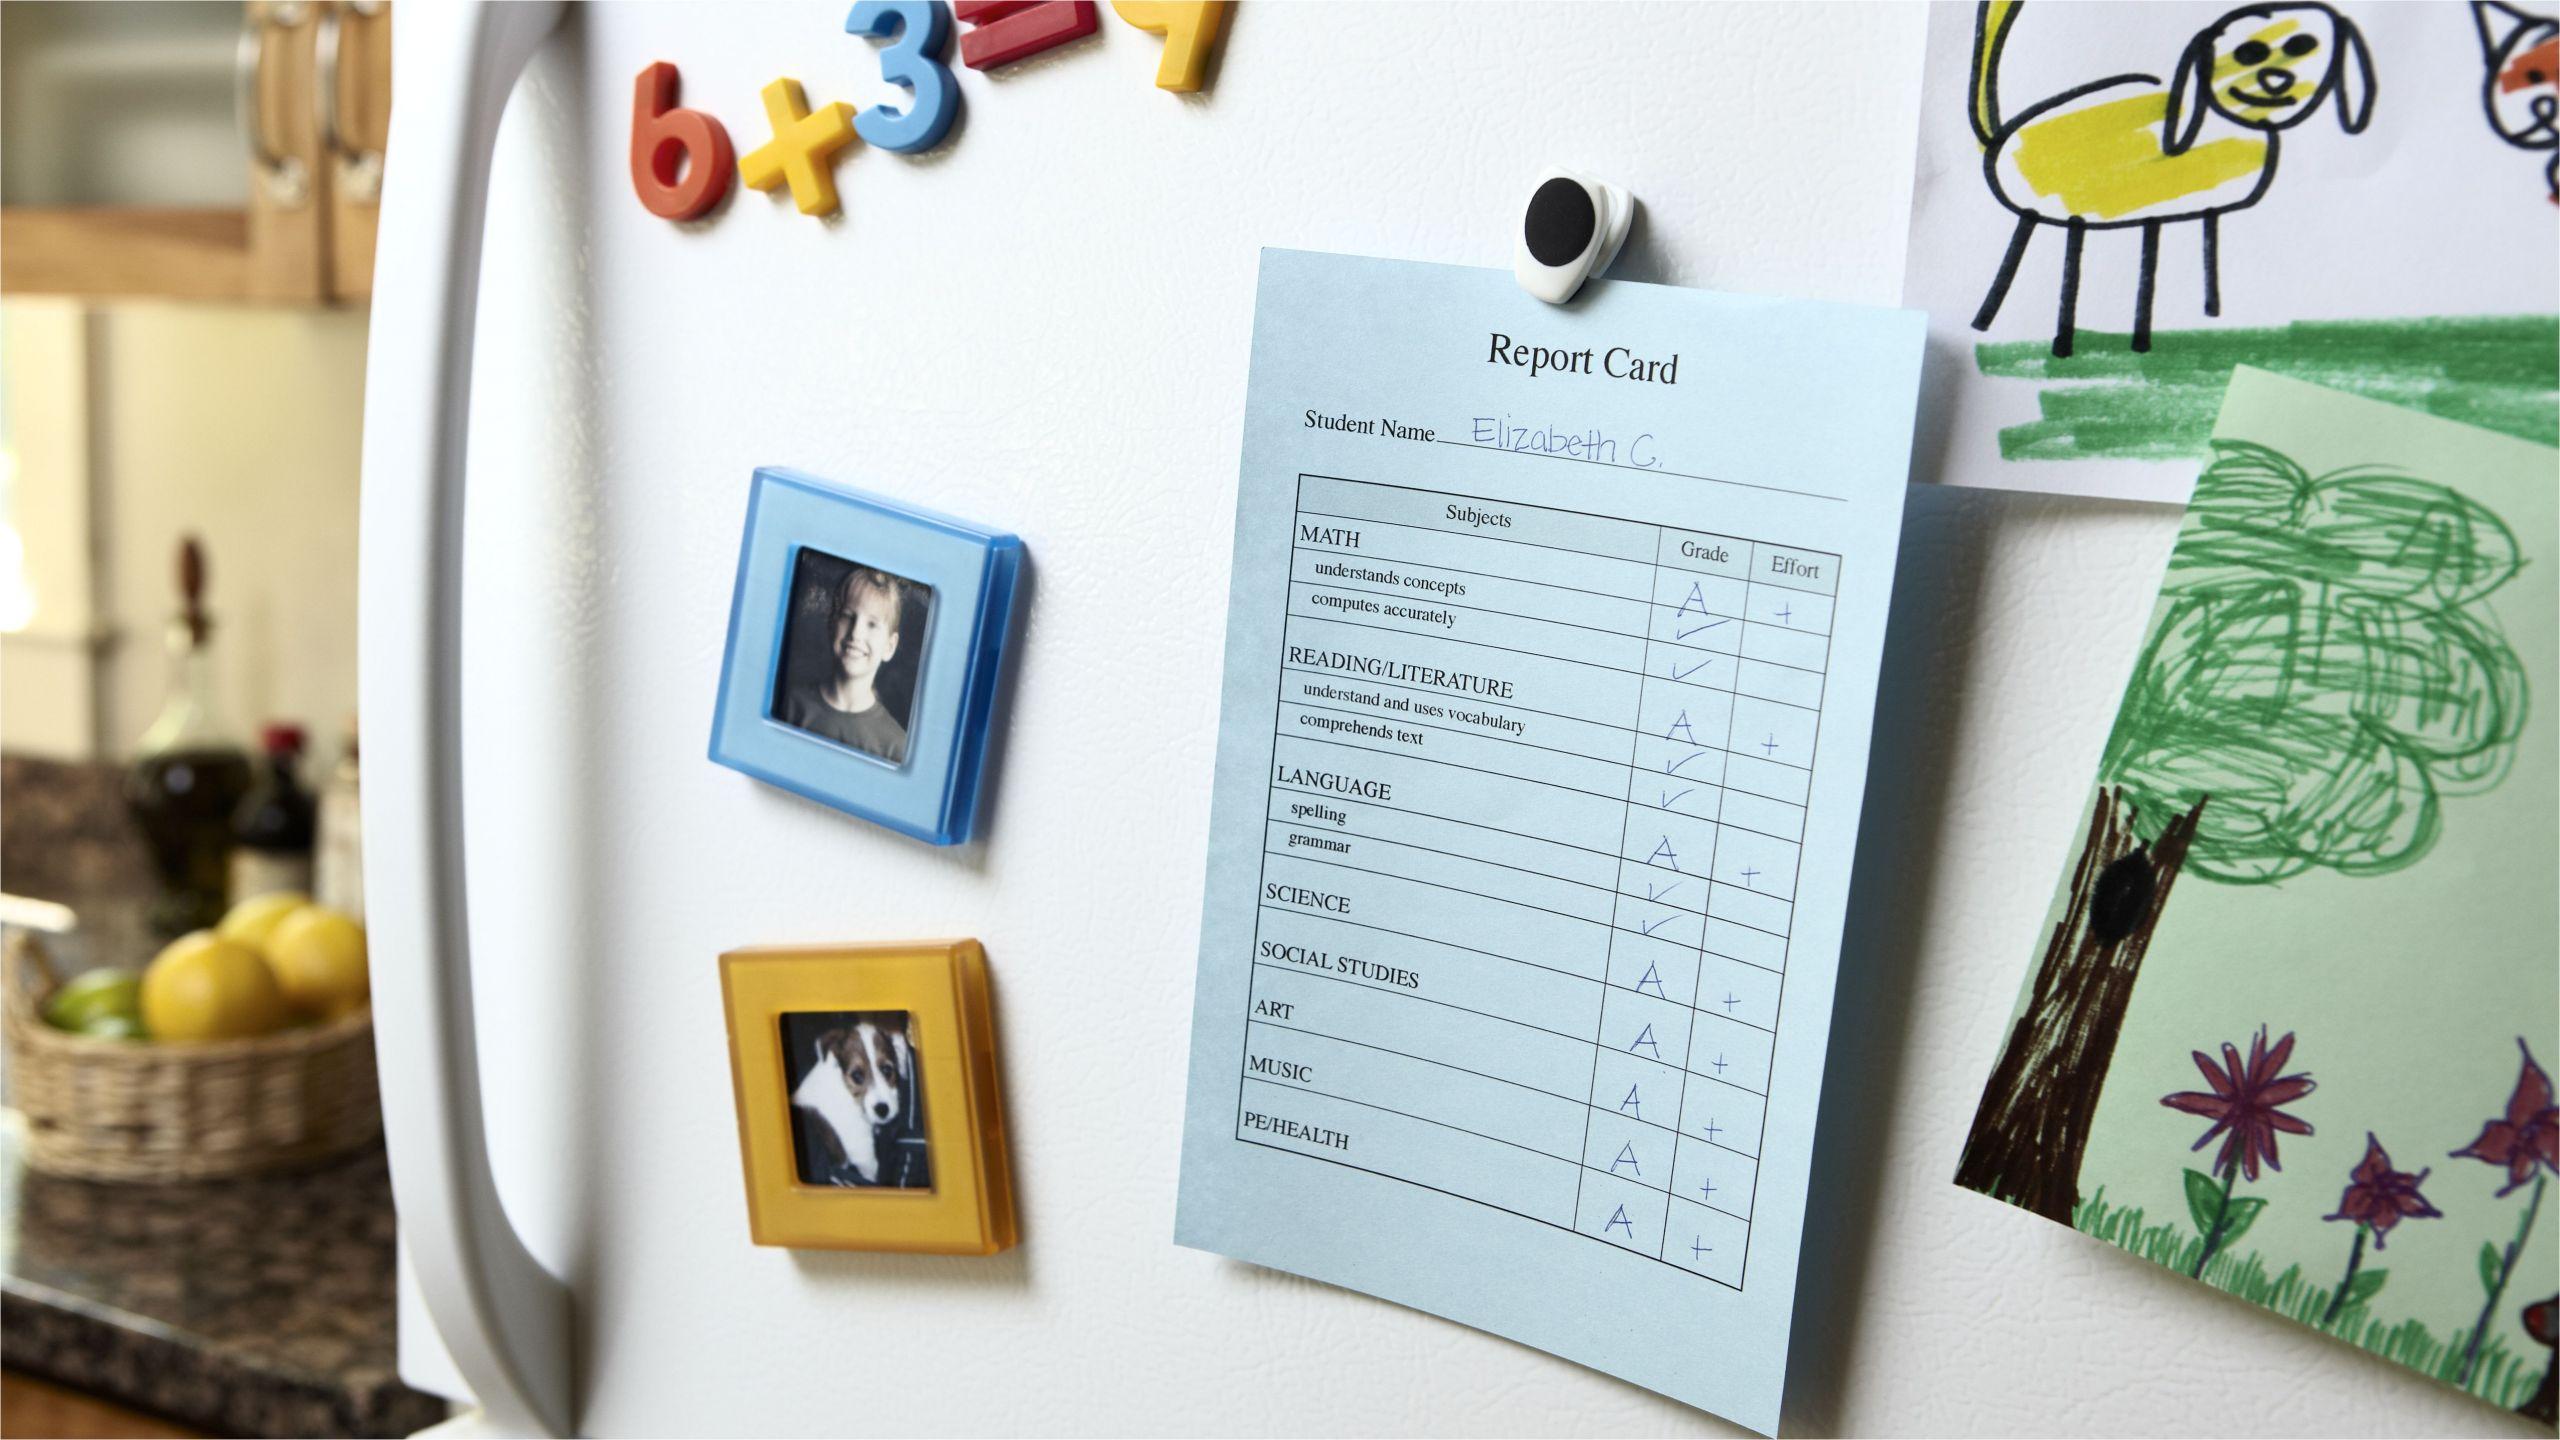 report card on refrigerator 103631251 5c4e524a46e0fb0001f21fbd jpg